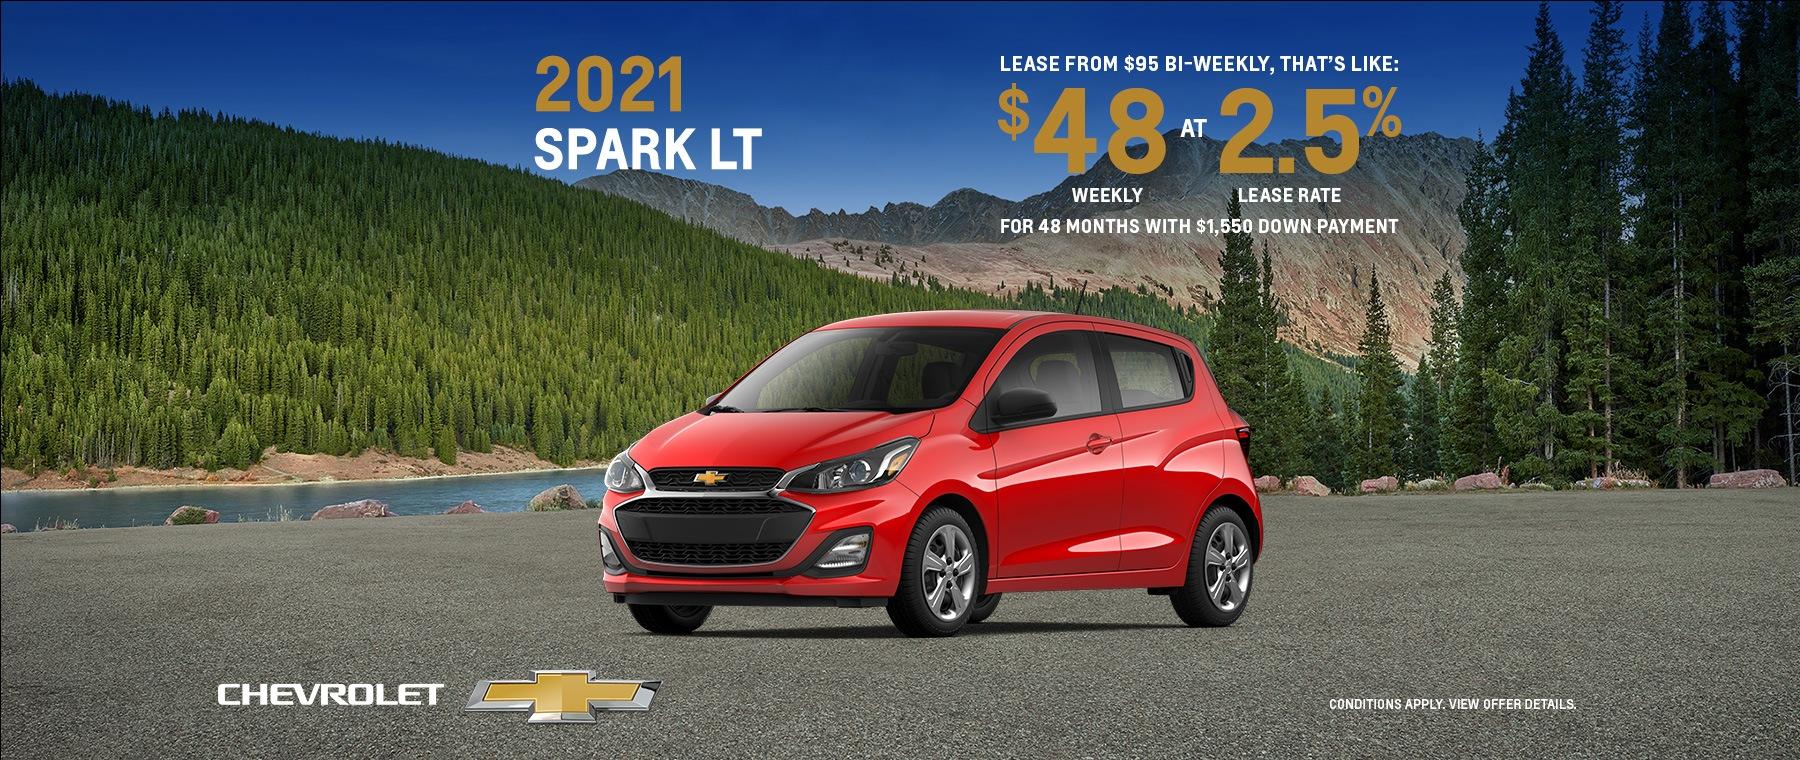 2021 Chevrolet Spark LT